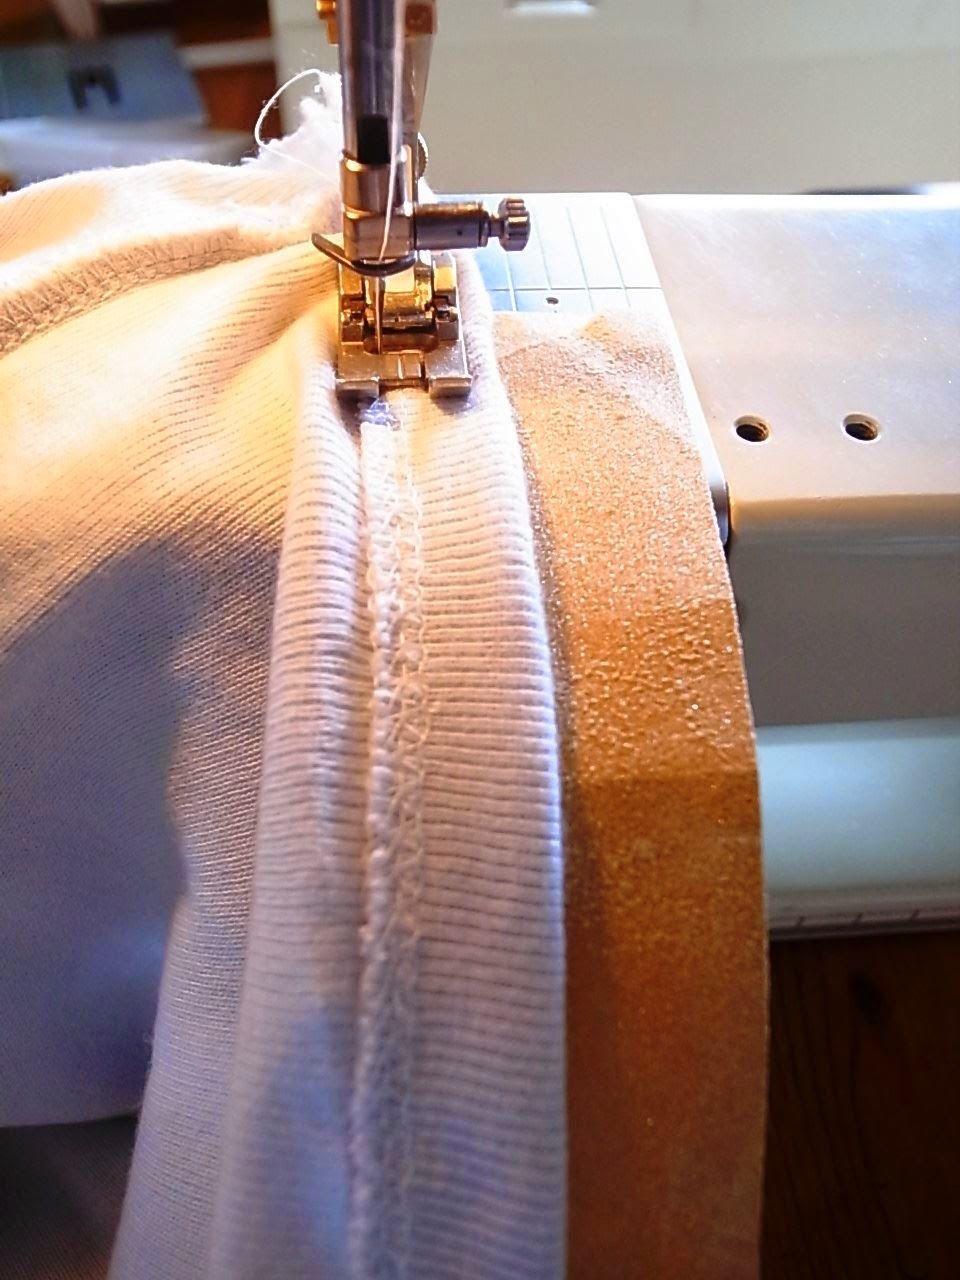 職業用ミシン JUKI SL-300EX : o2*sewing note